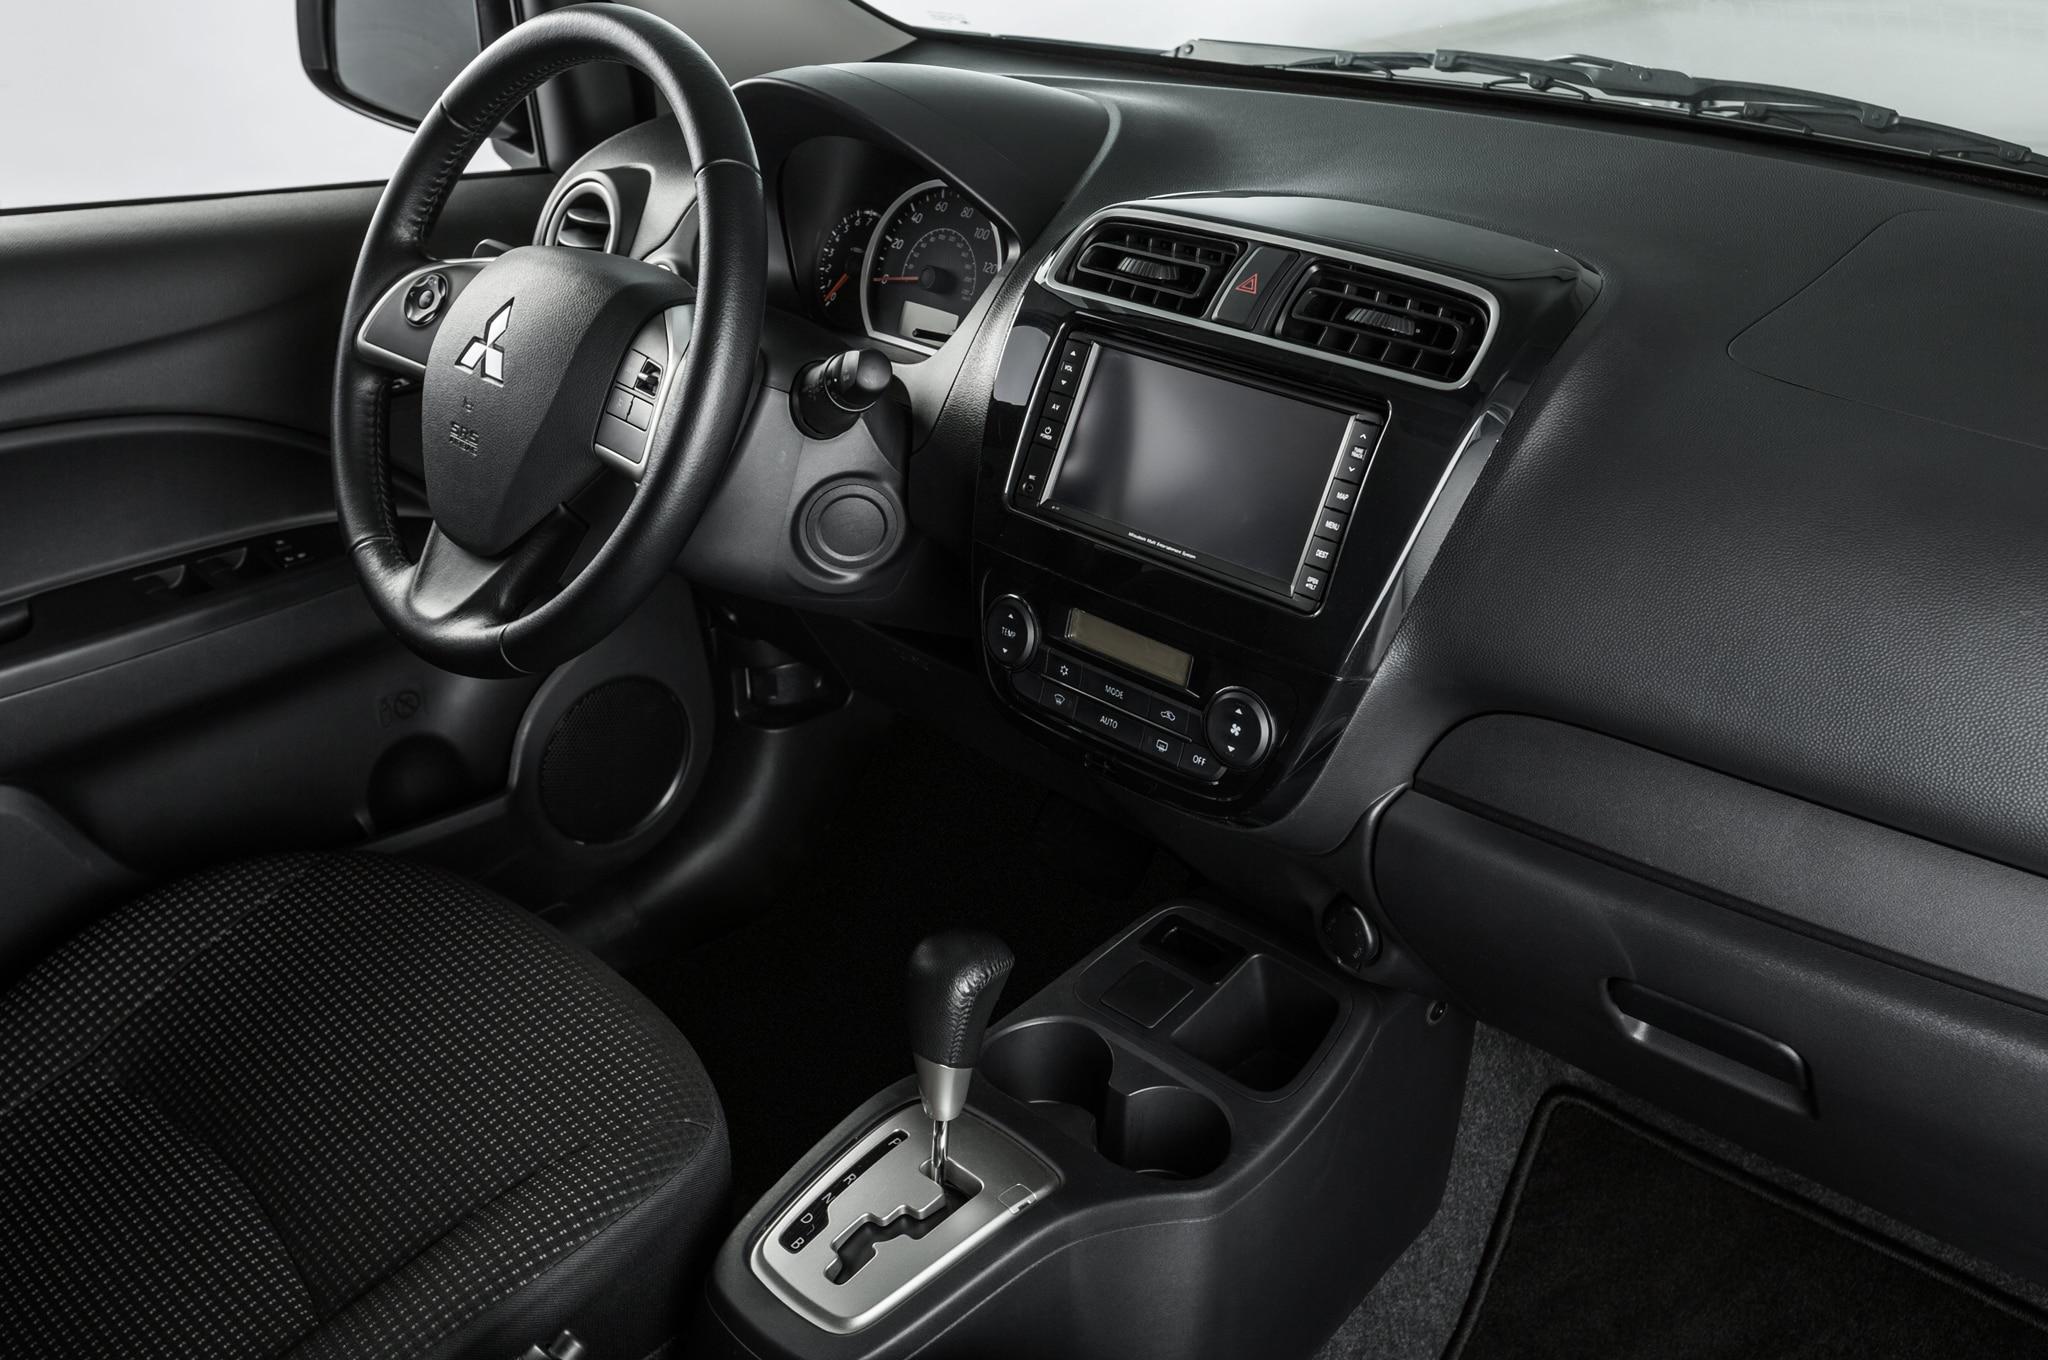 2015 Mitsubishi Outlander Sport, Mirage Updated